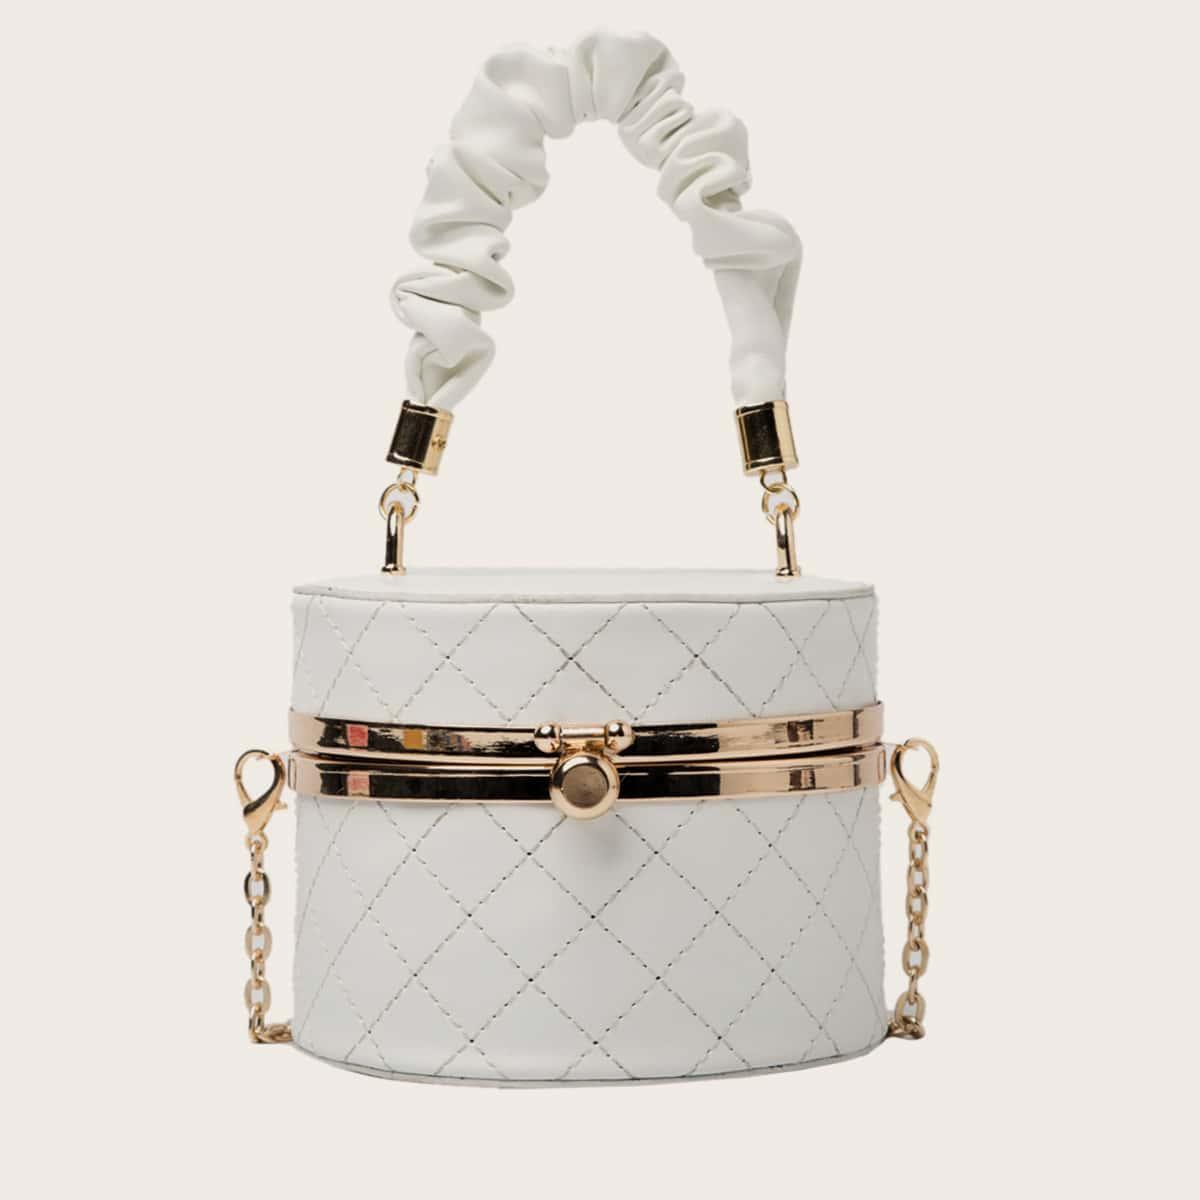 SHEIN / Mini Ruched Handle Box Bag